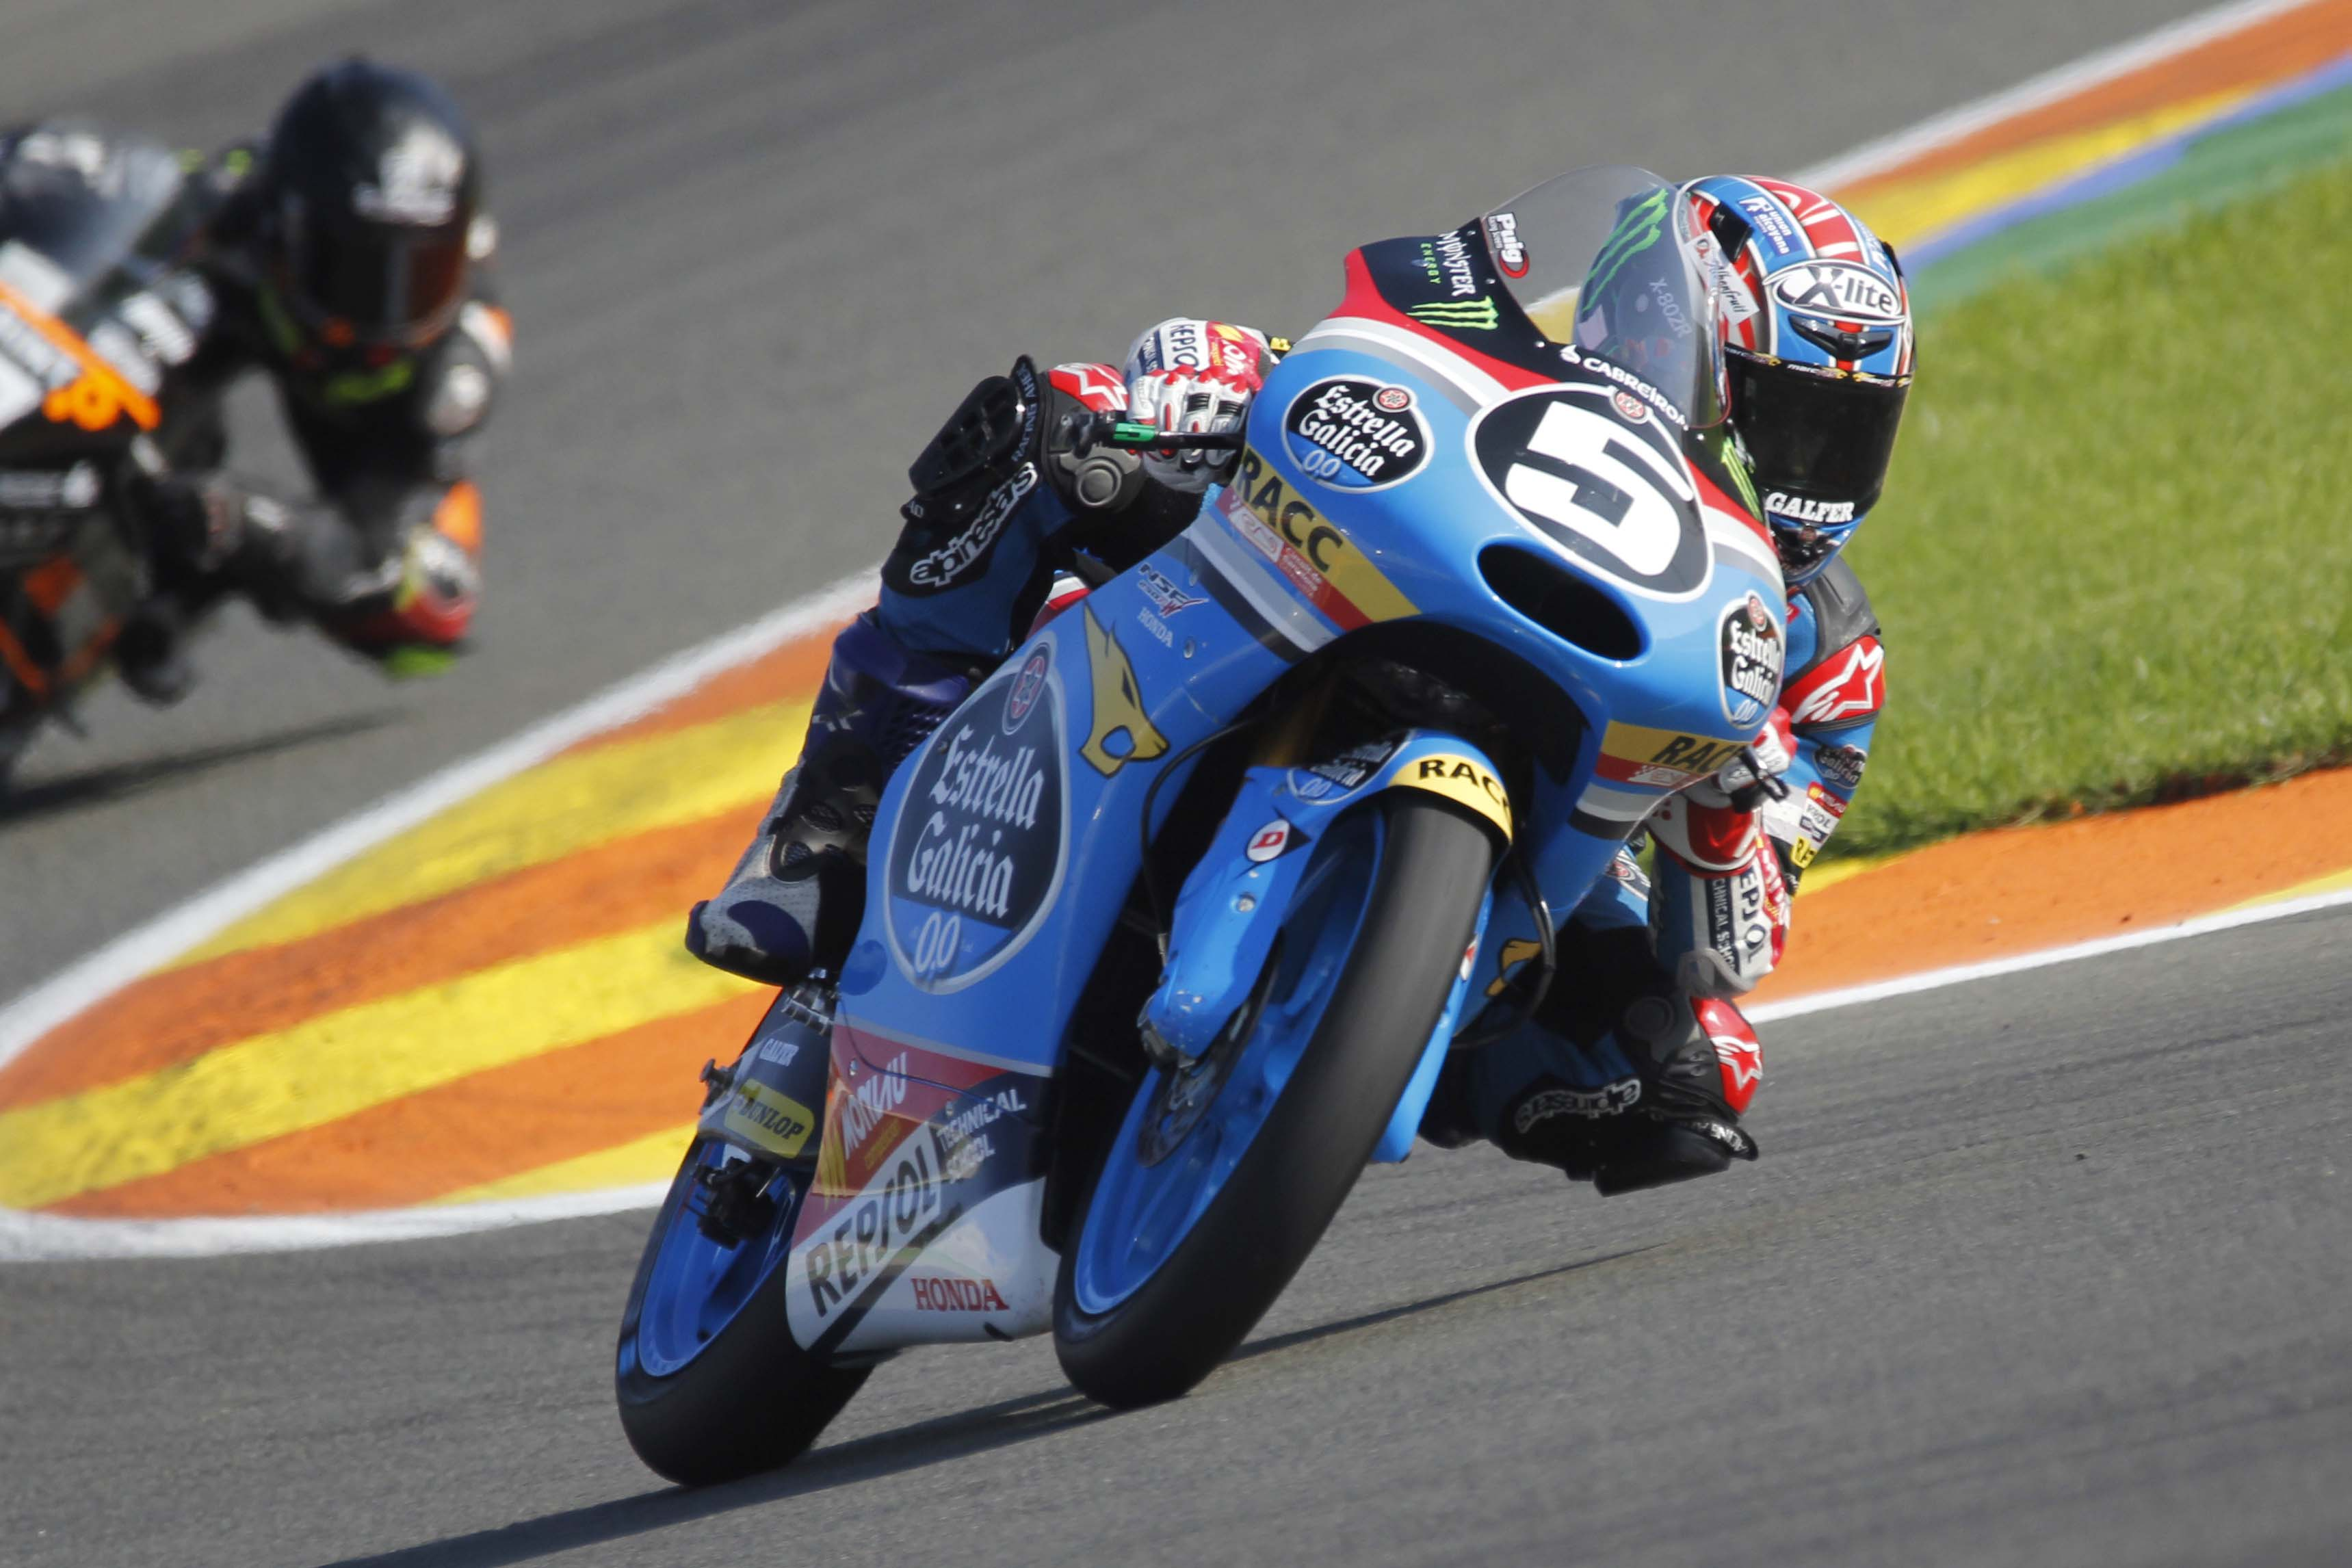 Jaume Masia aonduce su Honda en el Circuit de Cheste.